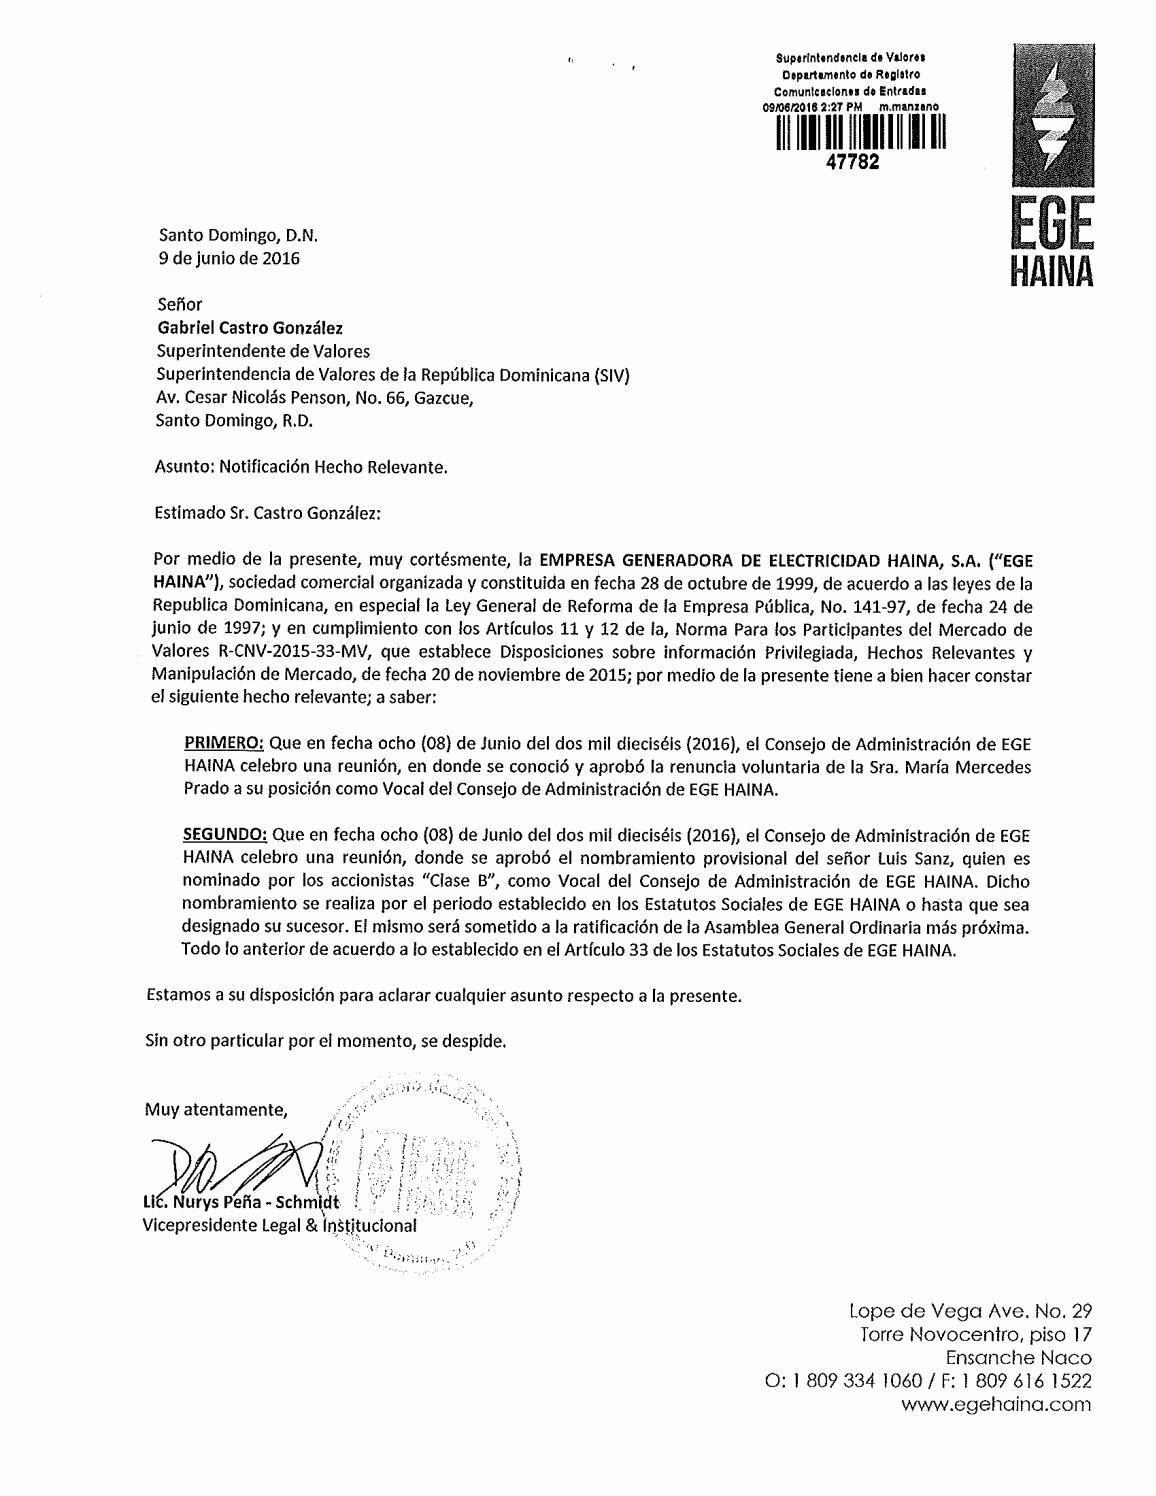 Formatos De Acuse De Recibo Luxury Acuse Recibo Carta Siv Renuncia Maria Prado Nombramiento